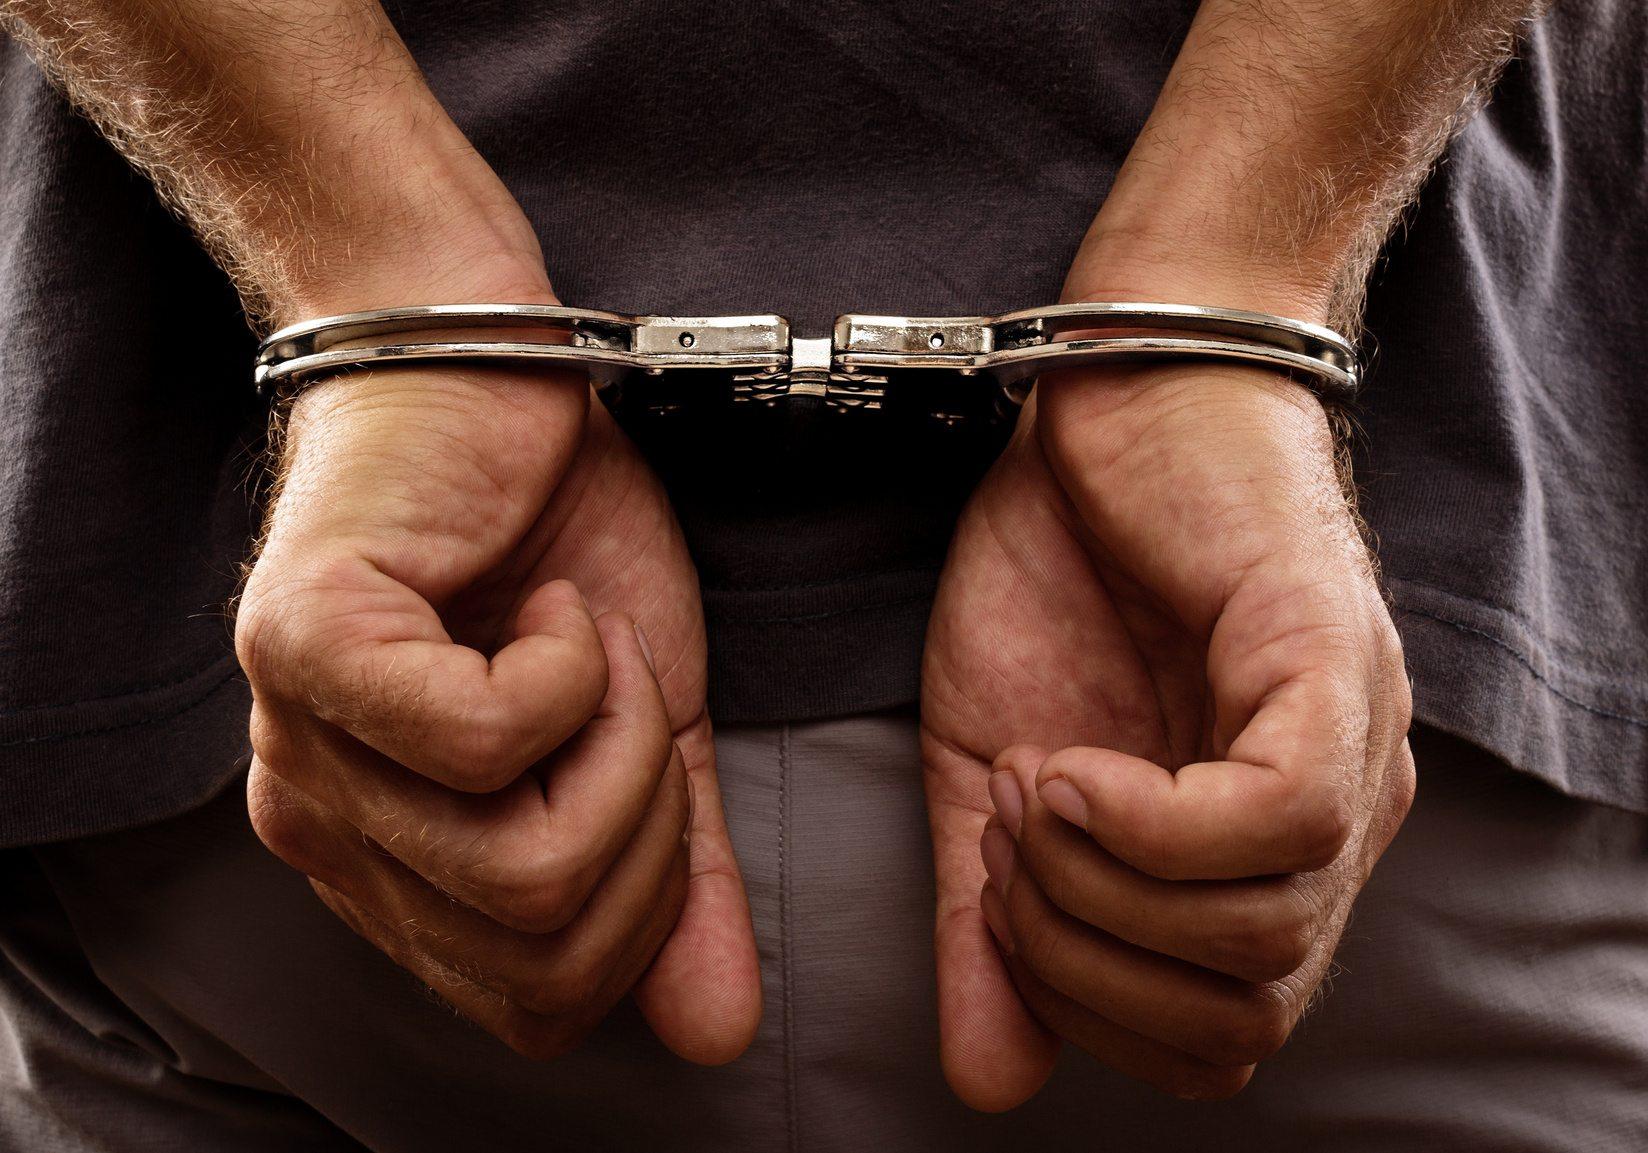 Surrey RCMP arrest one man for December 23rd shooting